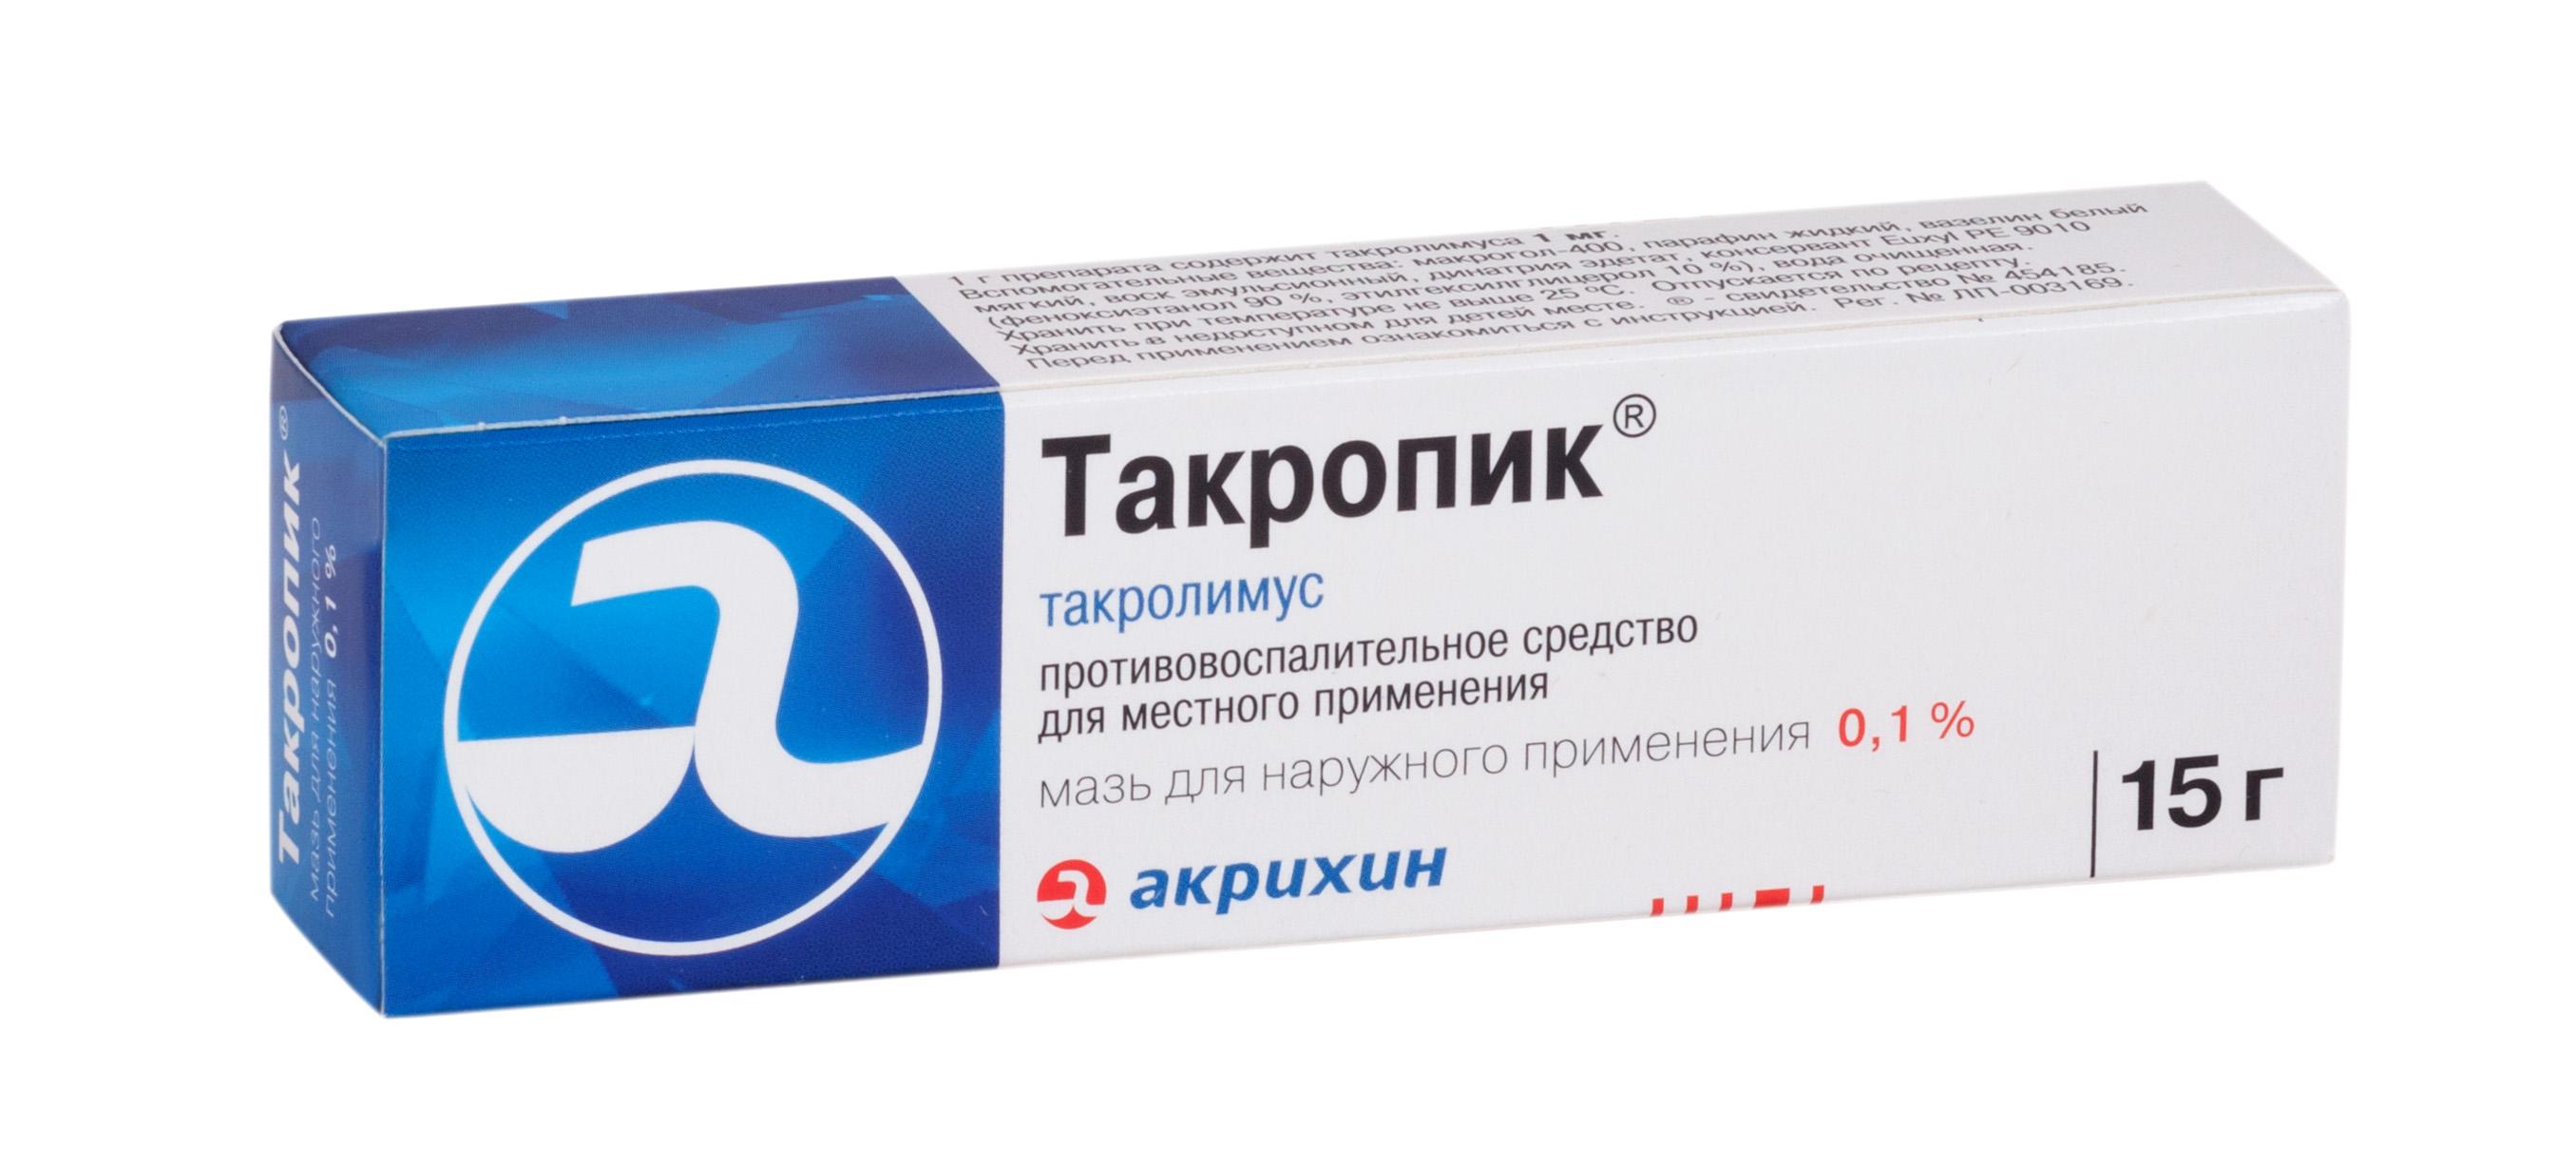 Такропик мазь д/наруж.прим. 0,1% 15г